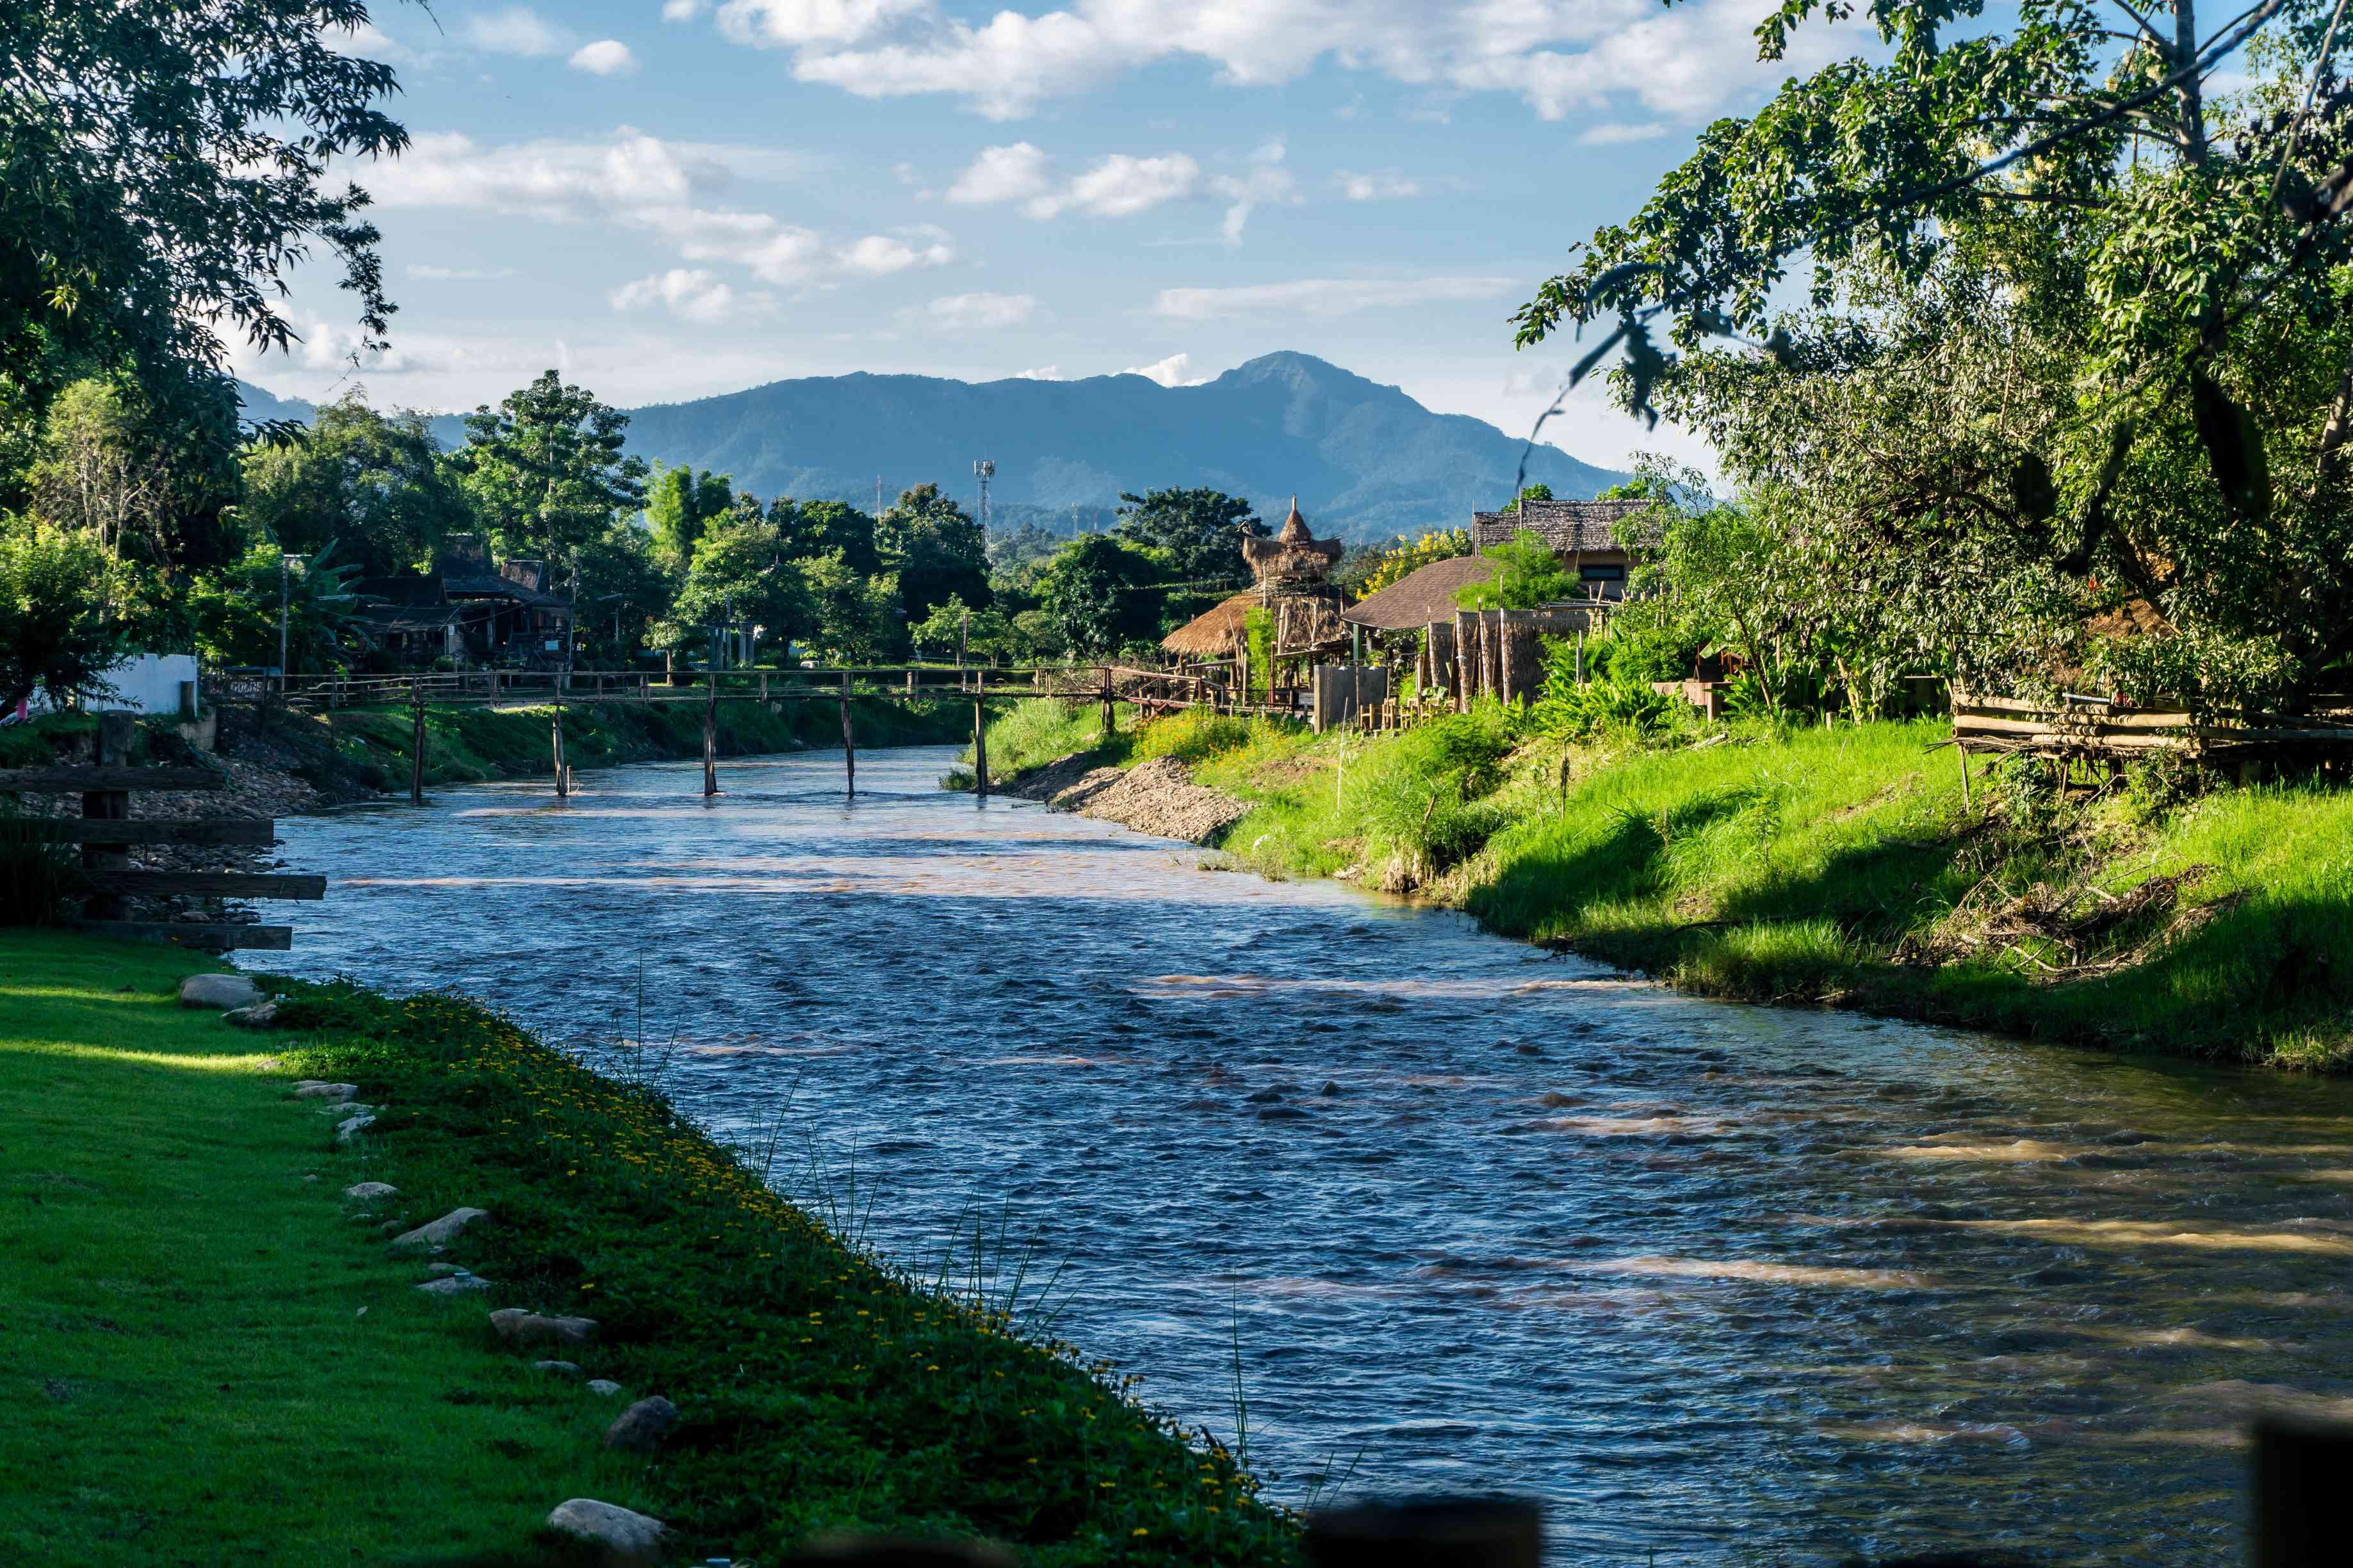 Río y puente en Pai, Tailandia